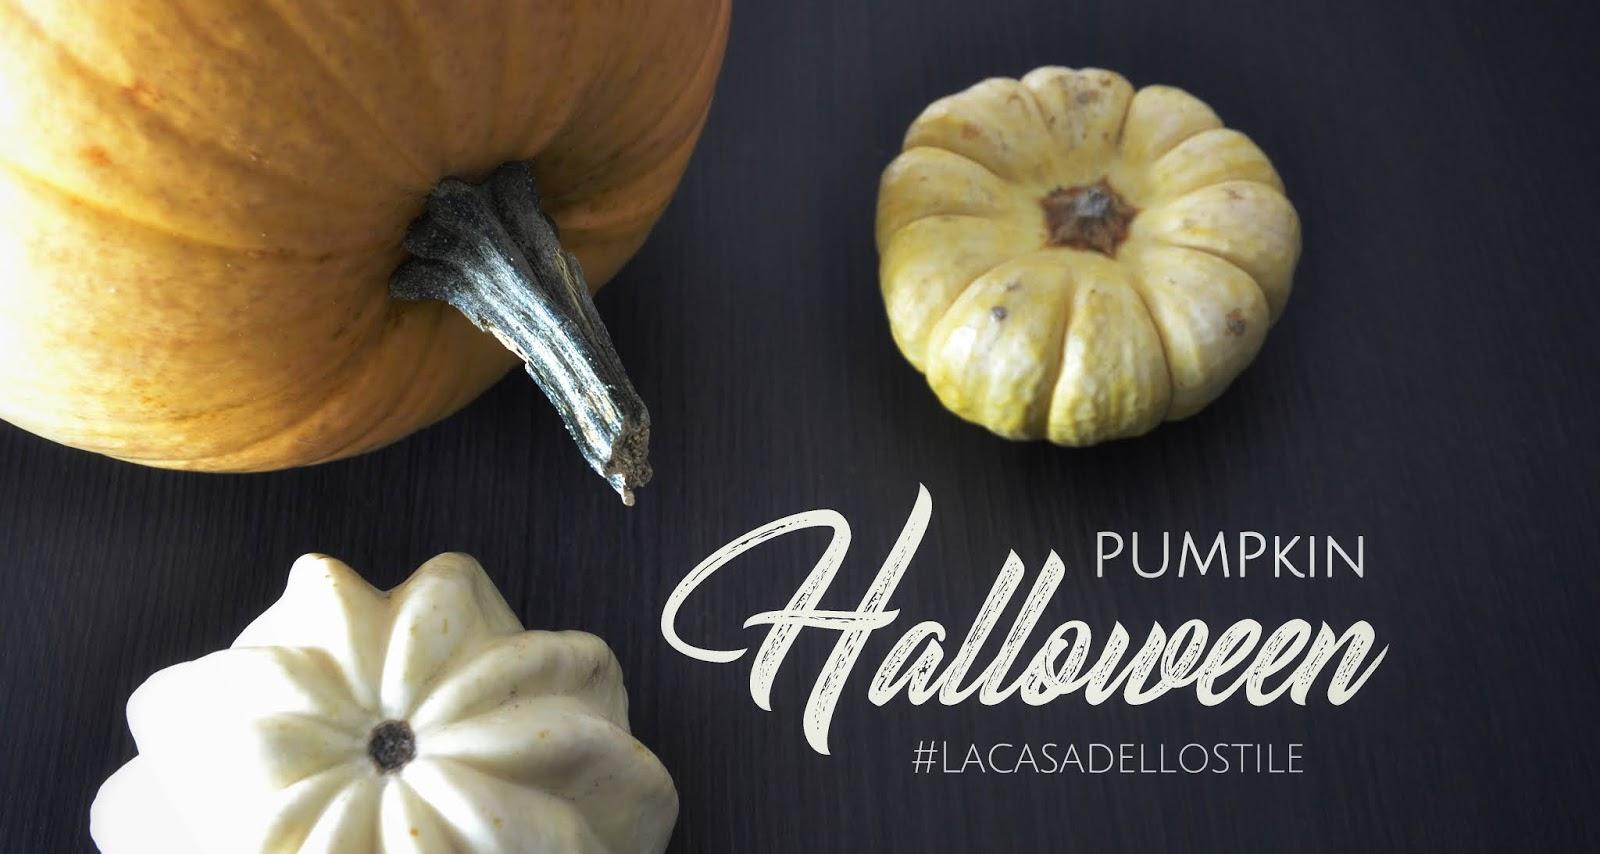 La casa dello stile: Pumpkin Halloween